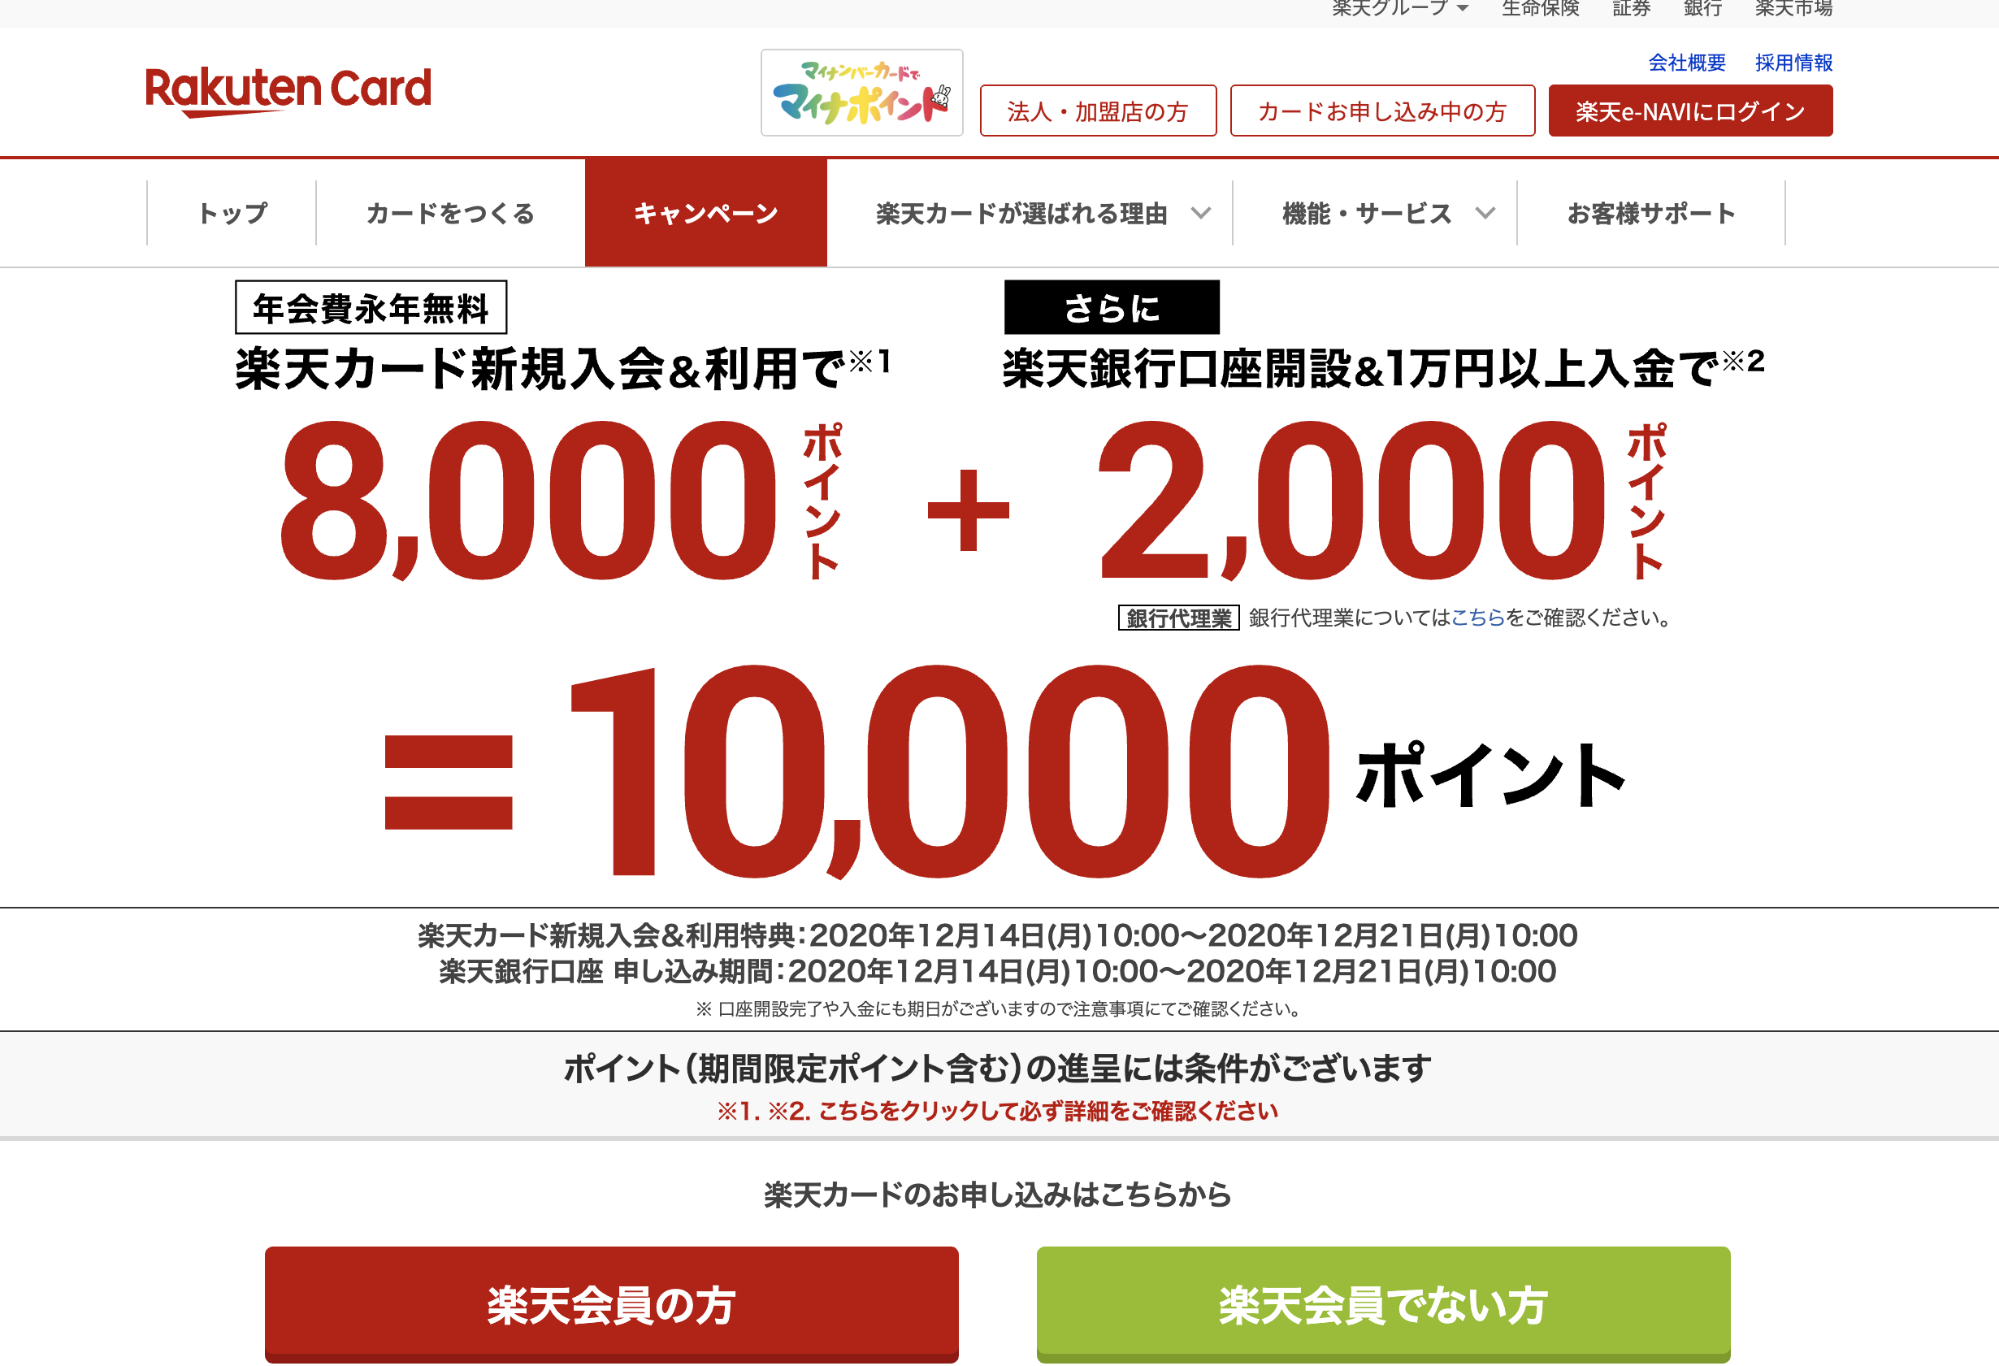 【ステップ①】楽天カードを作る